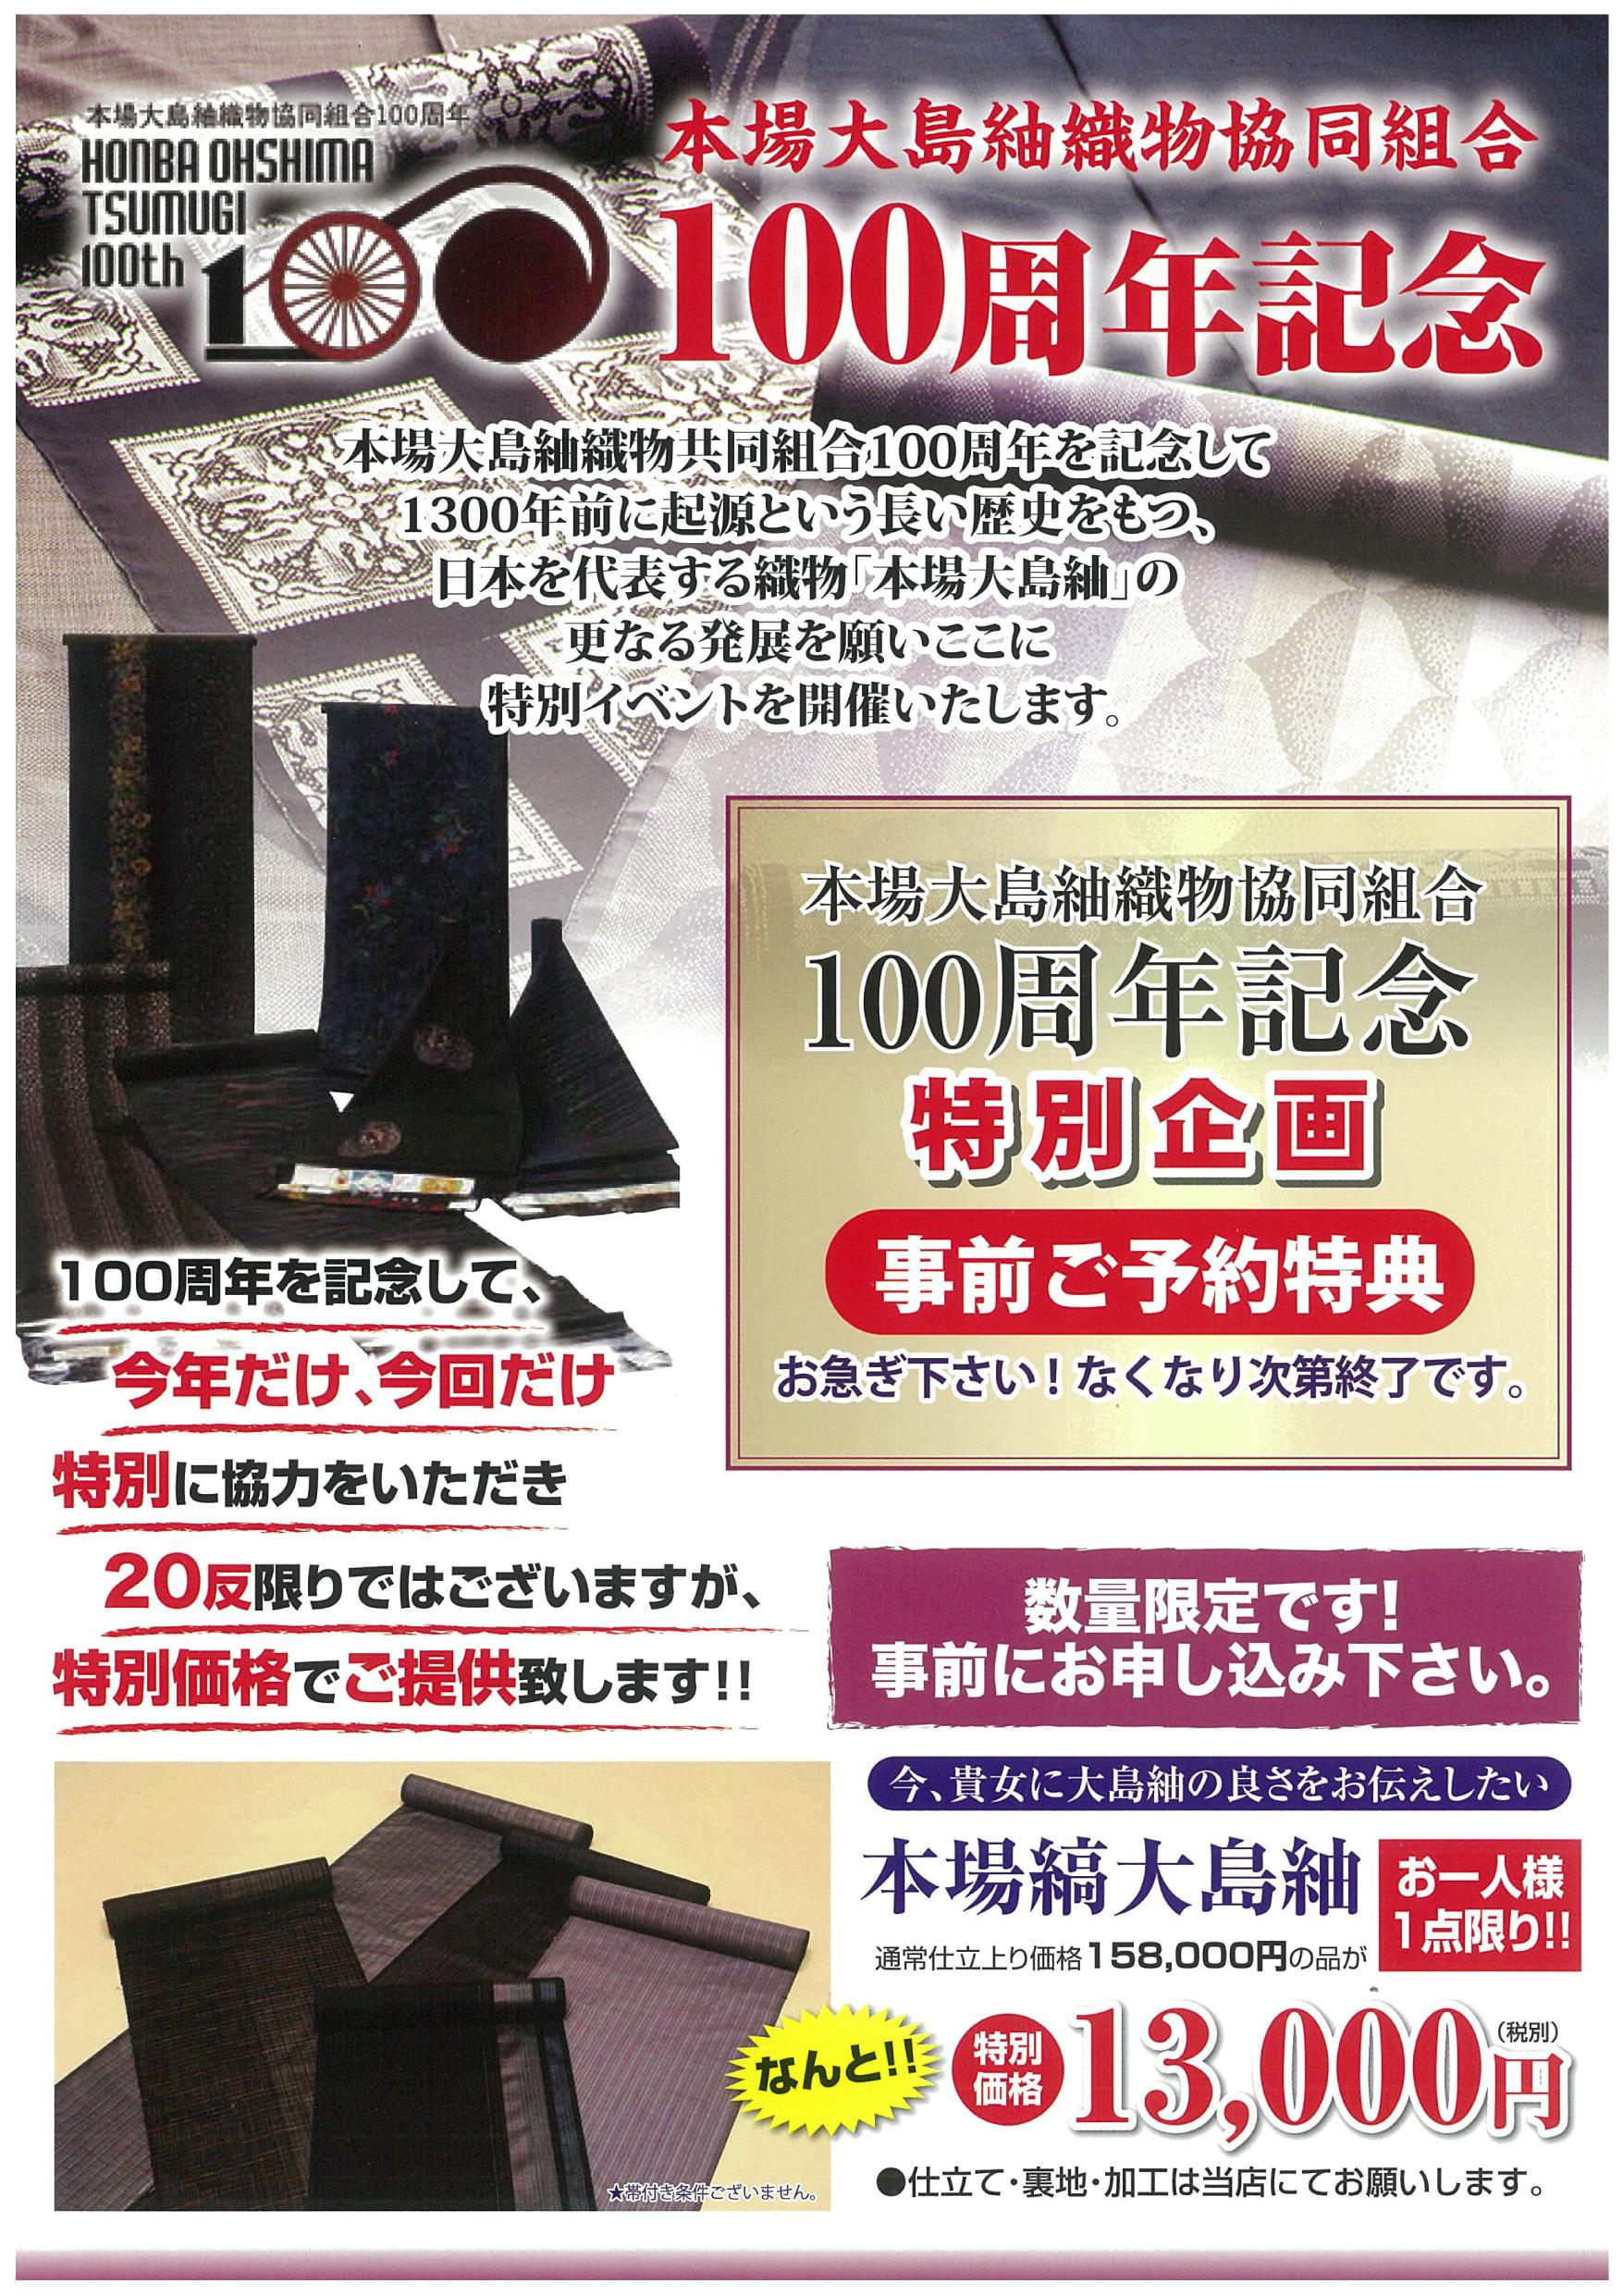 oshima-3.jpg